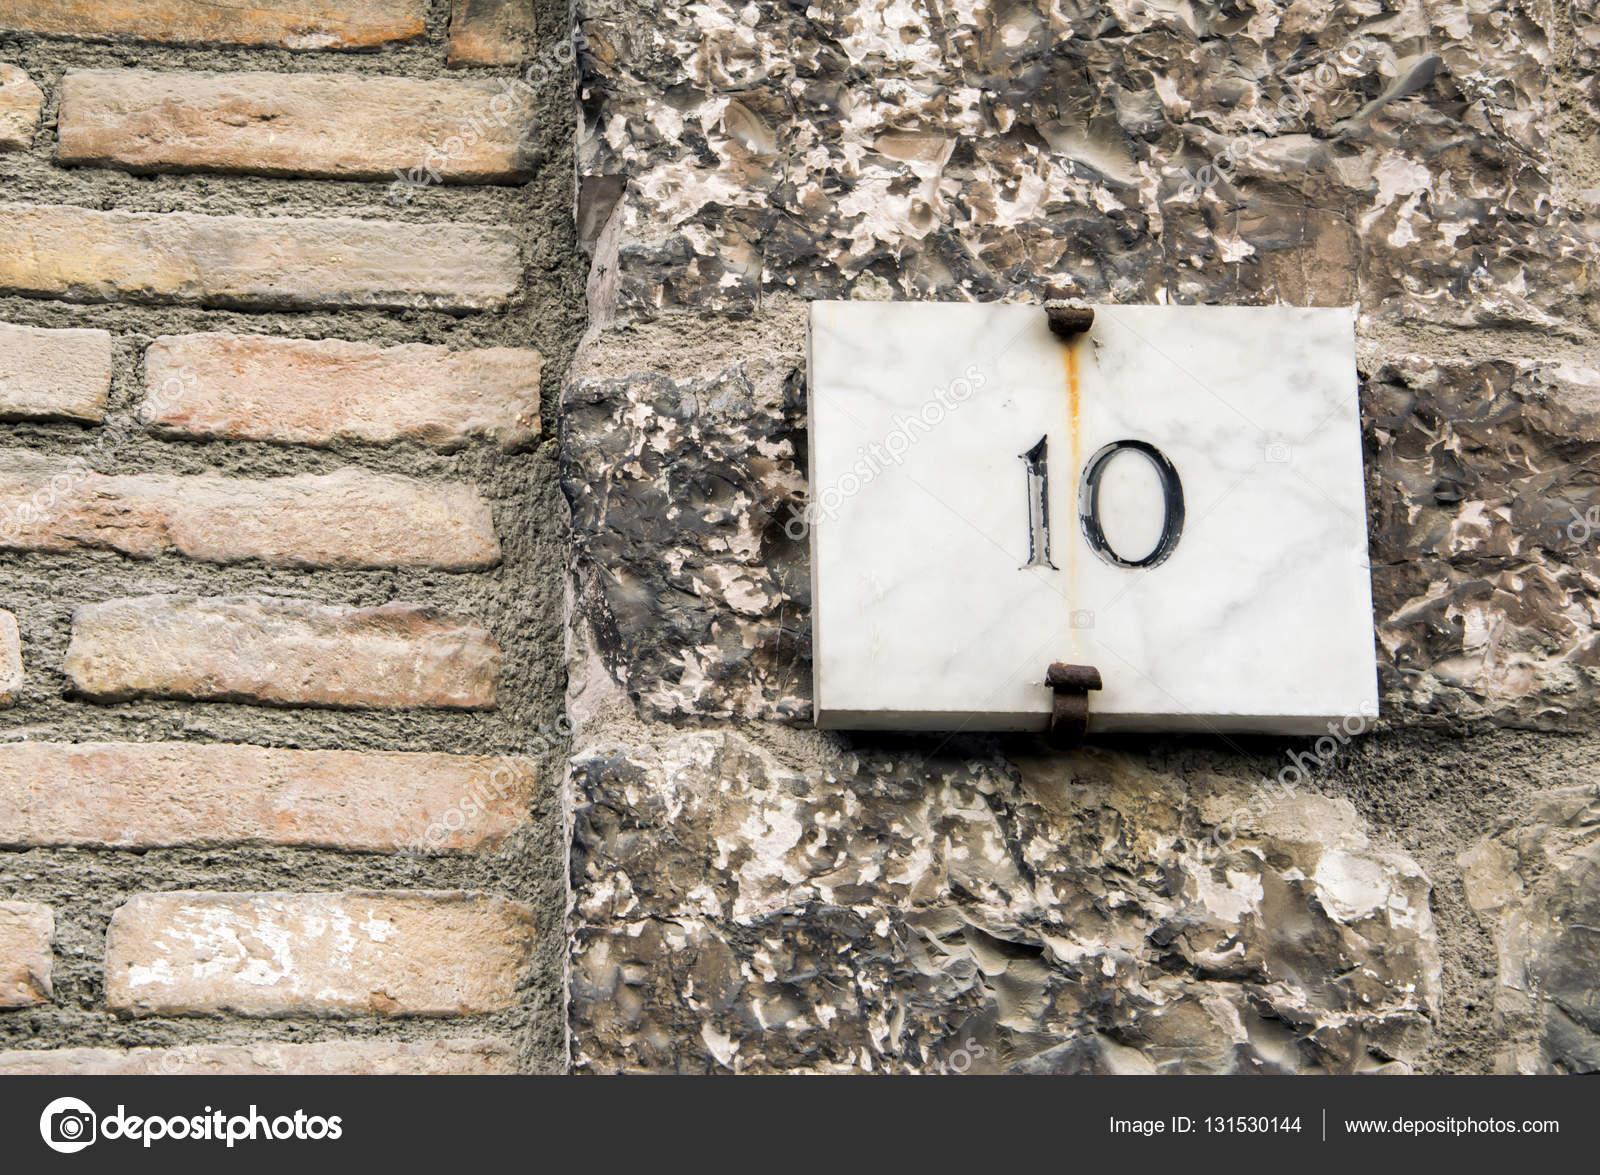 Исчезновение в номере 10